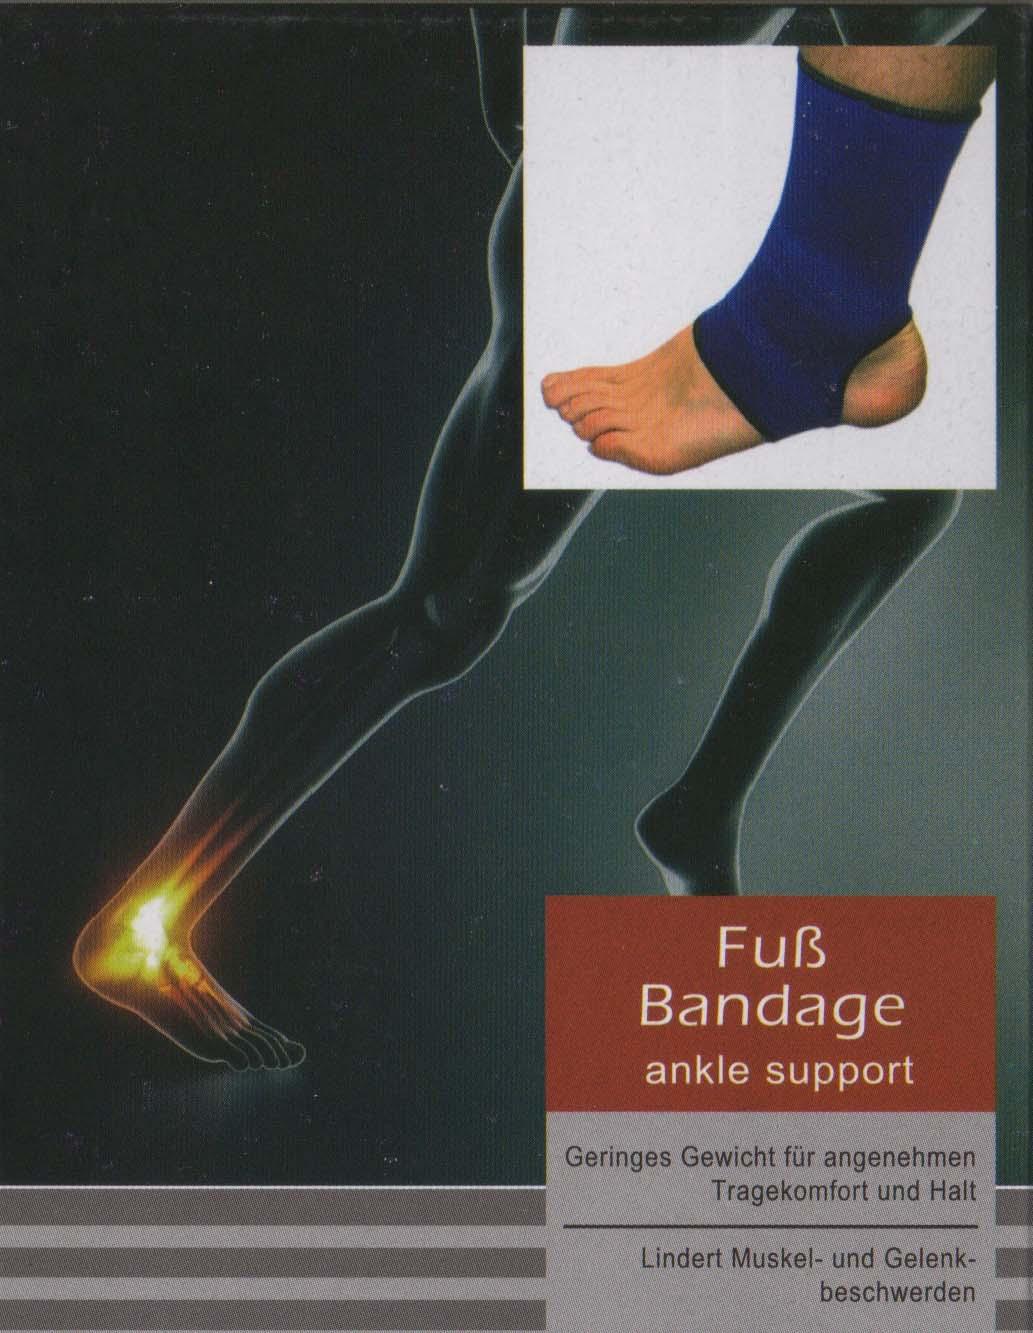 PROFI Fuß Bandage Knöchelstütze S